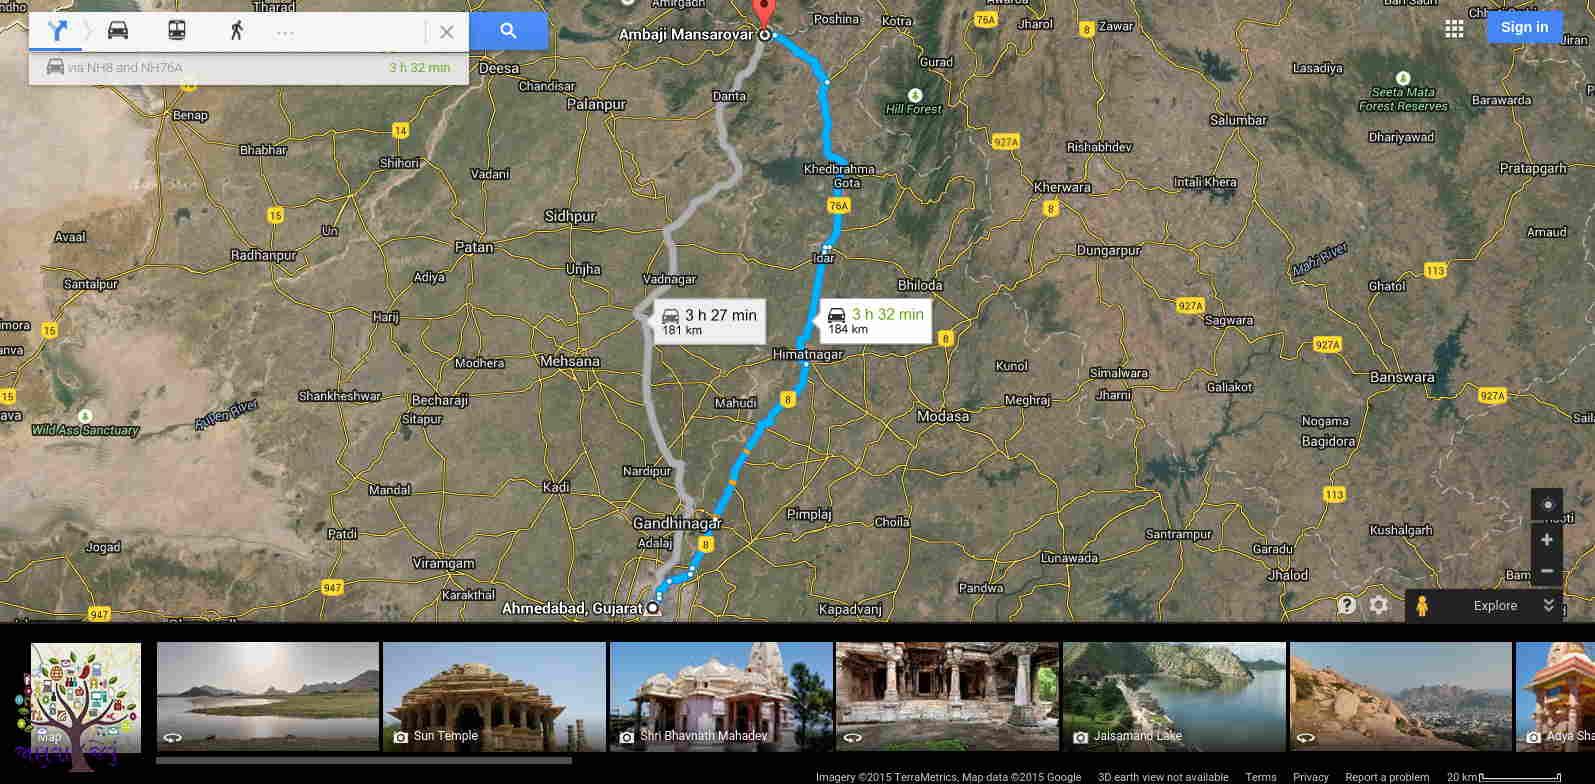 Mansarovar Ambaji - Tourism in janvajevu.com